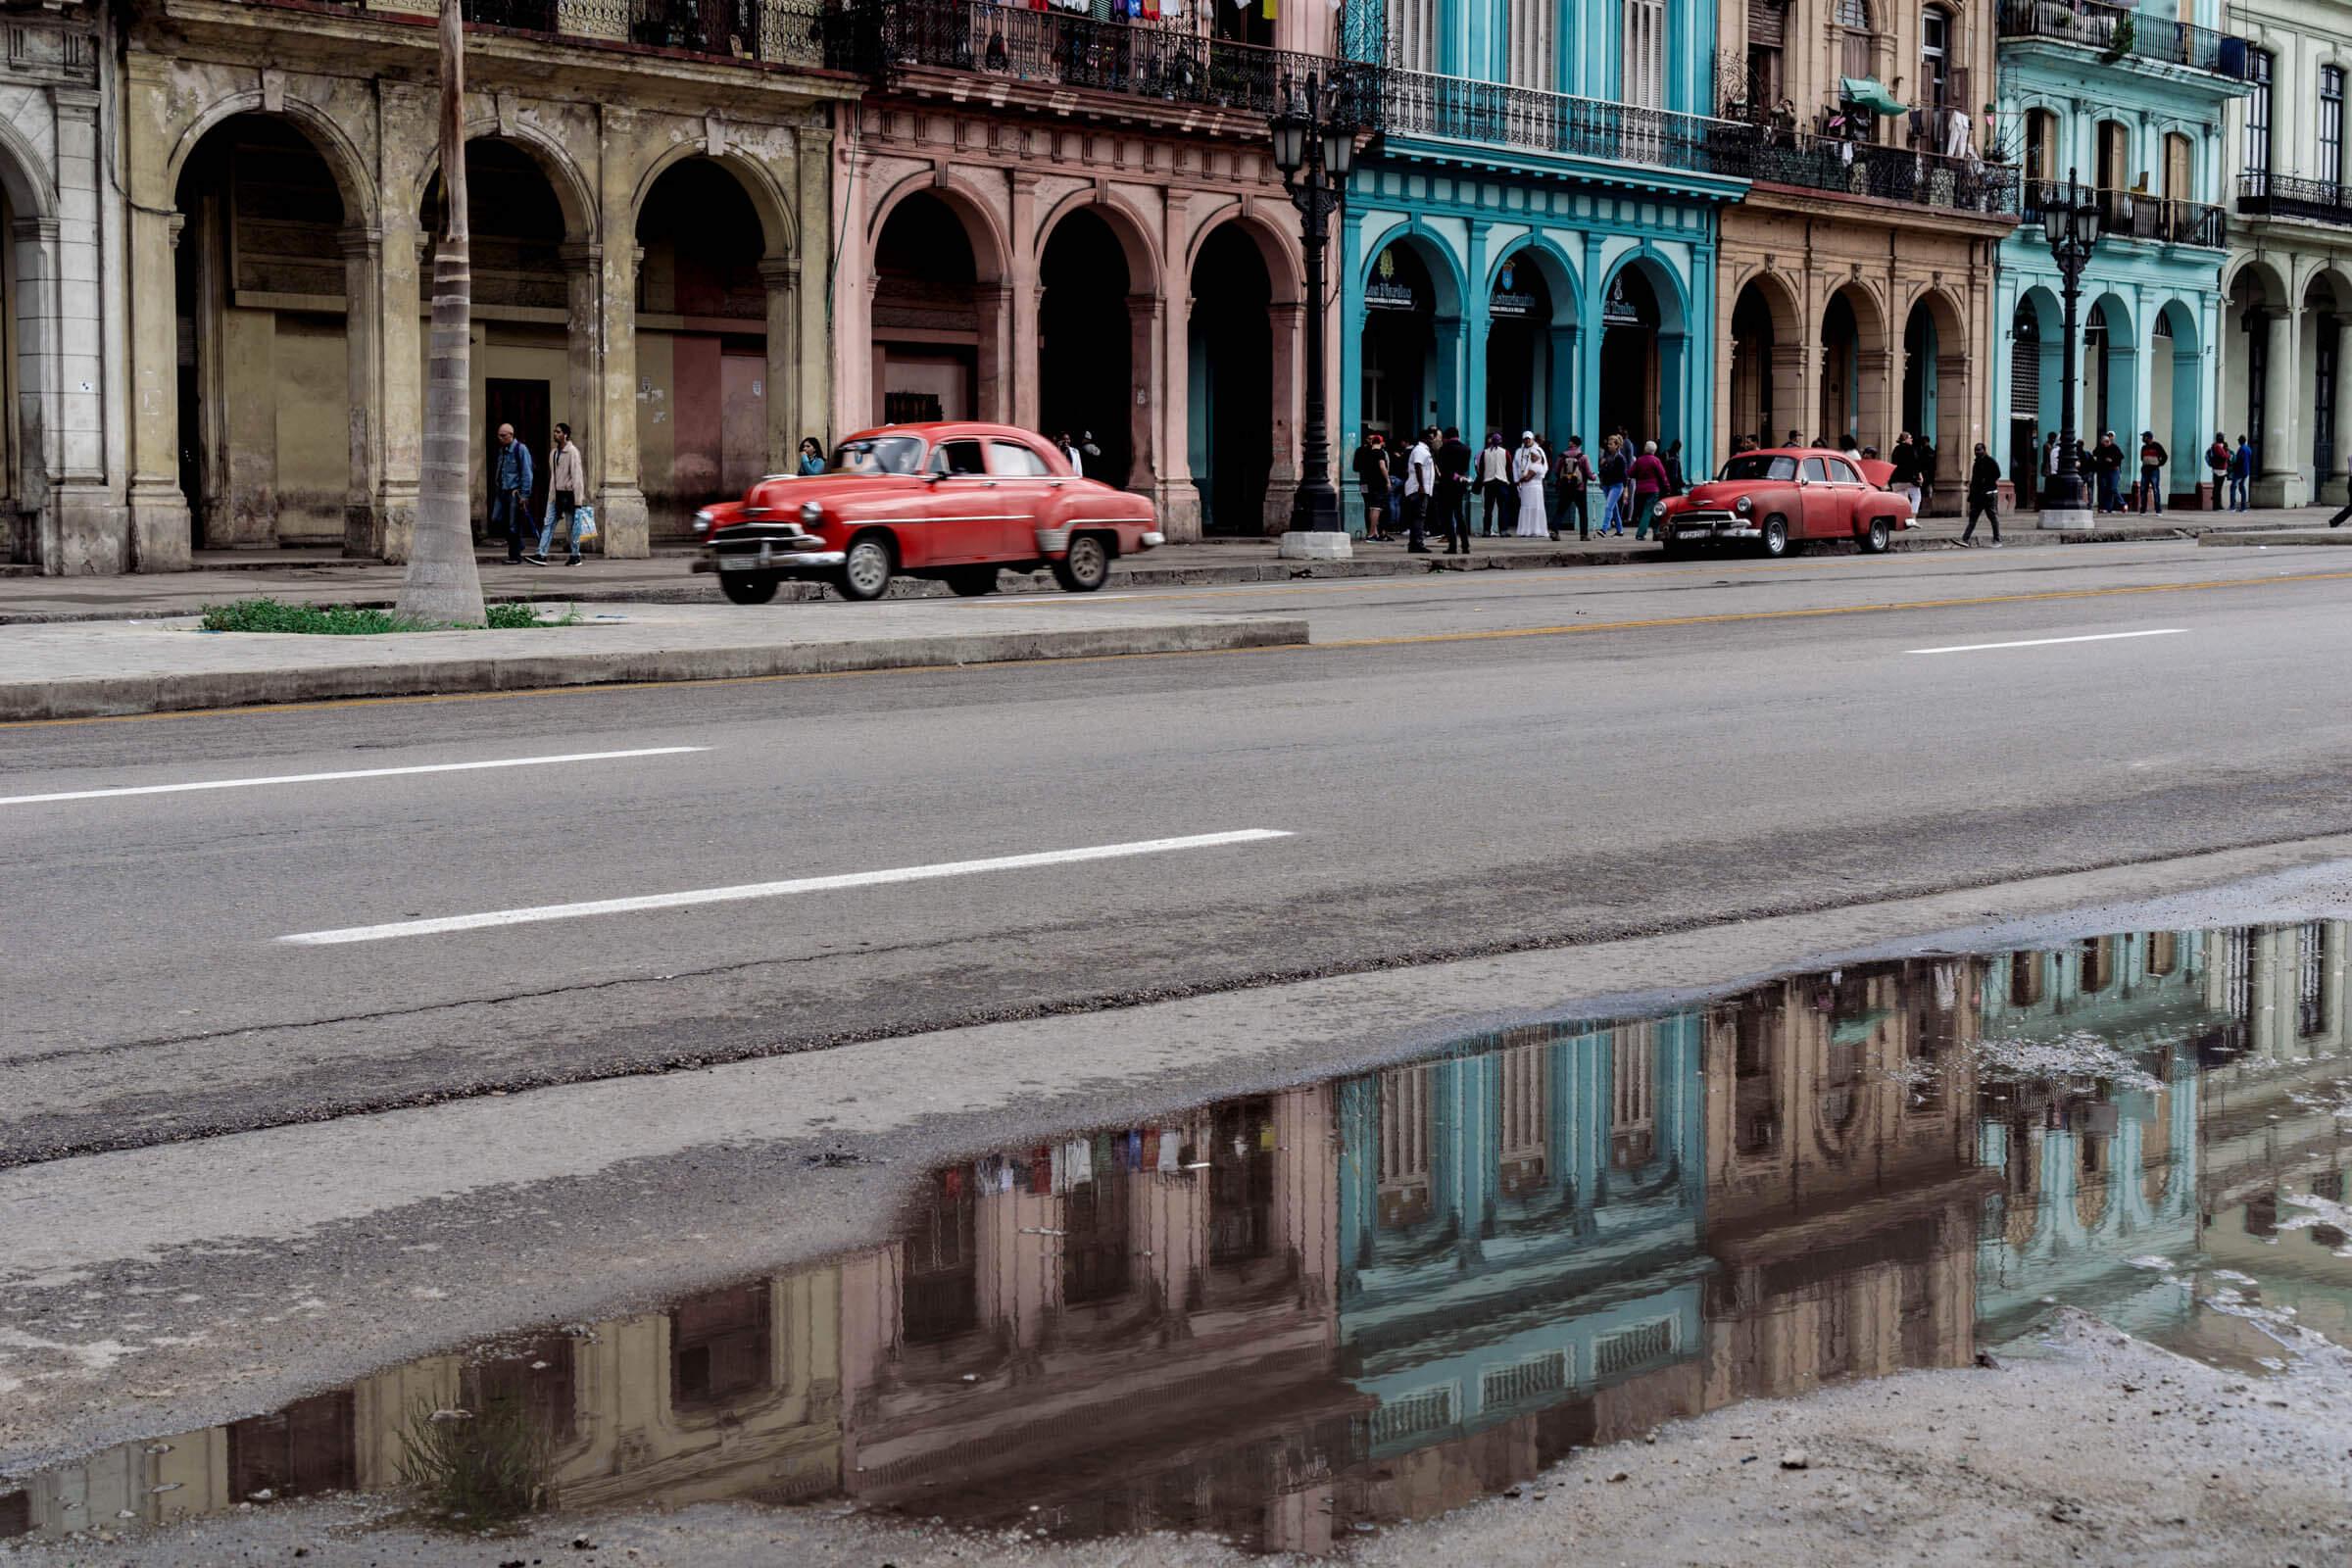 KUBA: HAVANNA TIPPS UND INFOS